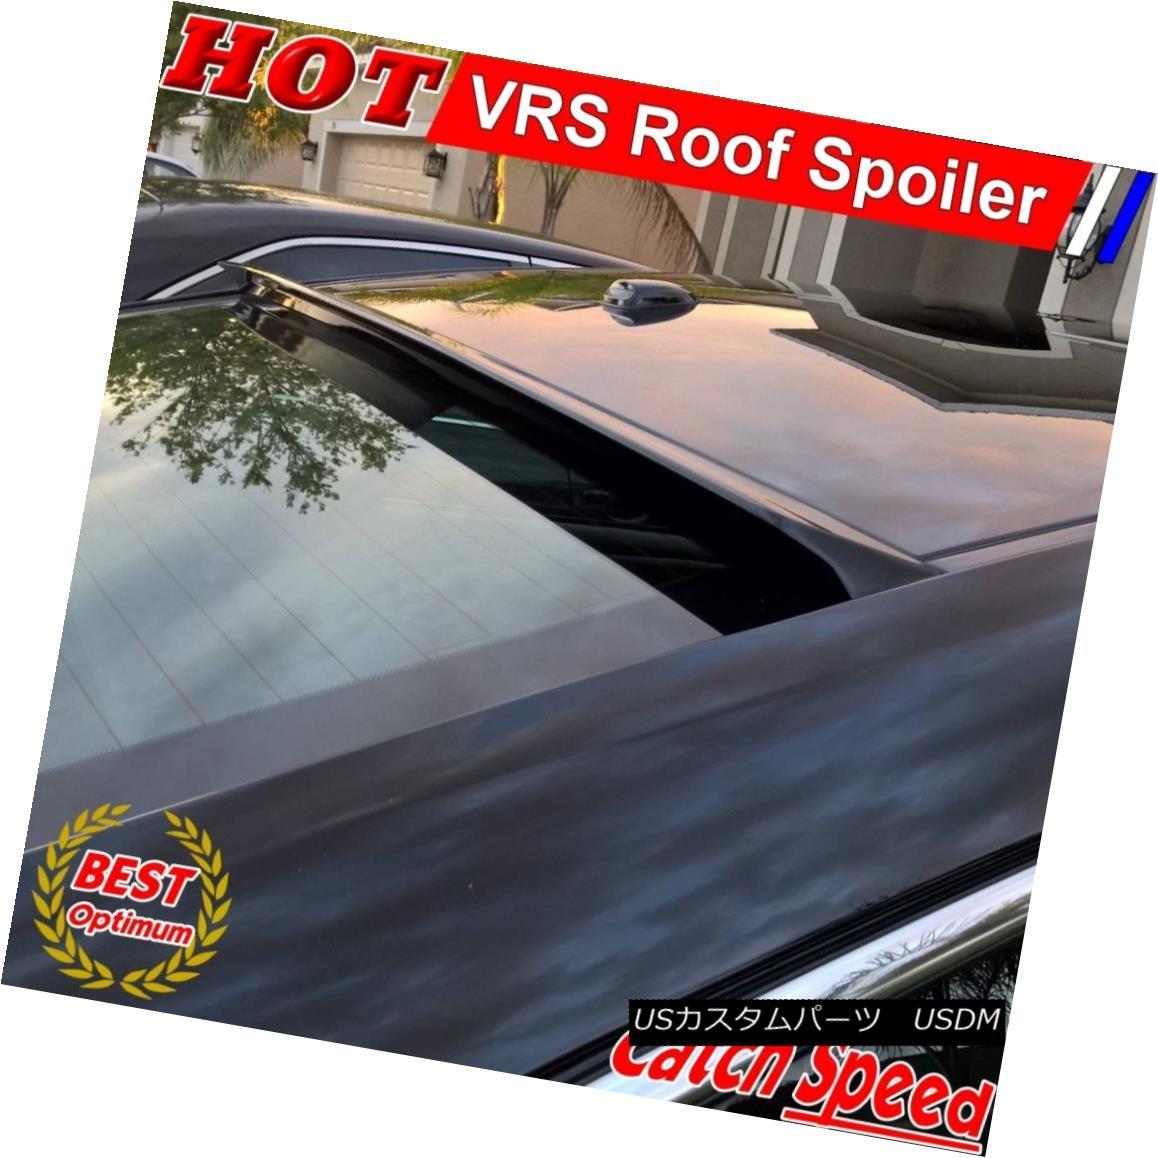 エアロパーツ Painted VRS Style Rear Roof Spoiler Wing For Chevrolet Malibu 6th 2004-2007 シボレーマリブのためのVRSスタイルのリアルーフスポイラーウイングを塗装2004年第6回